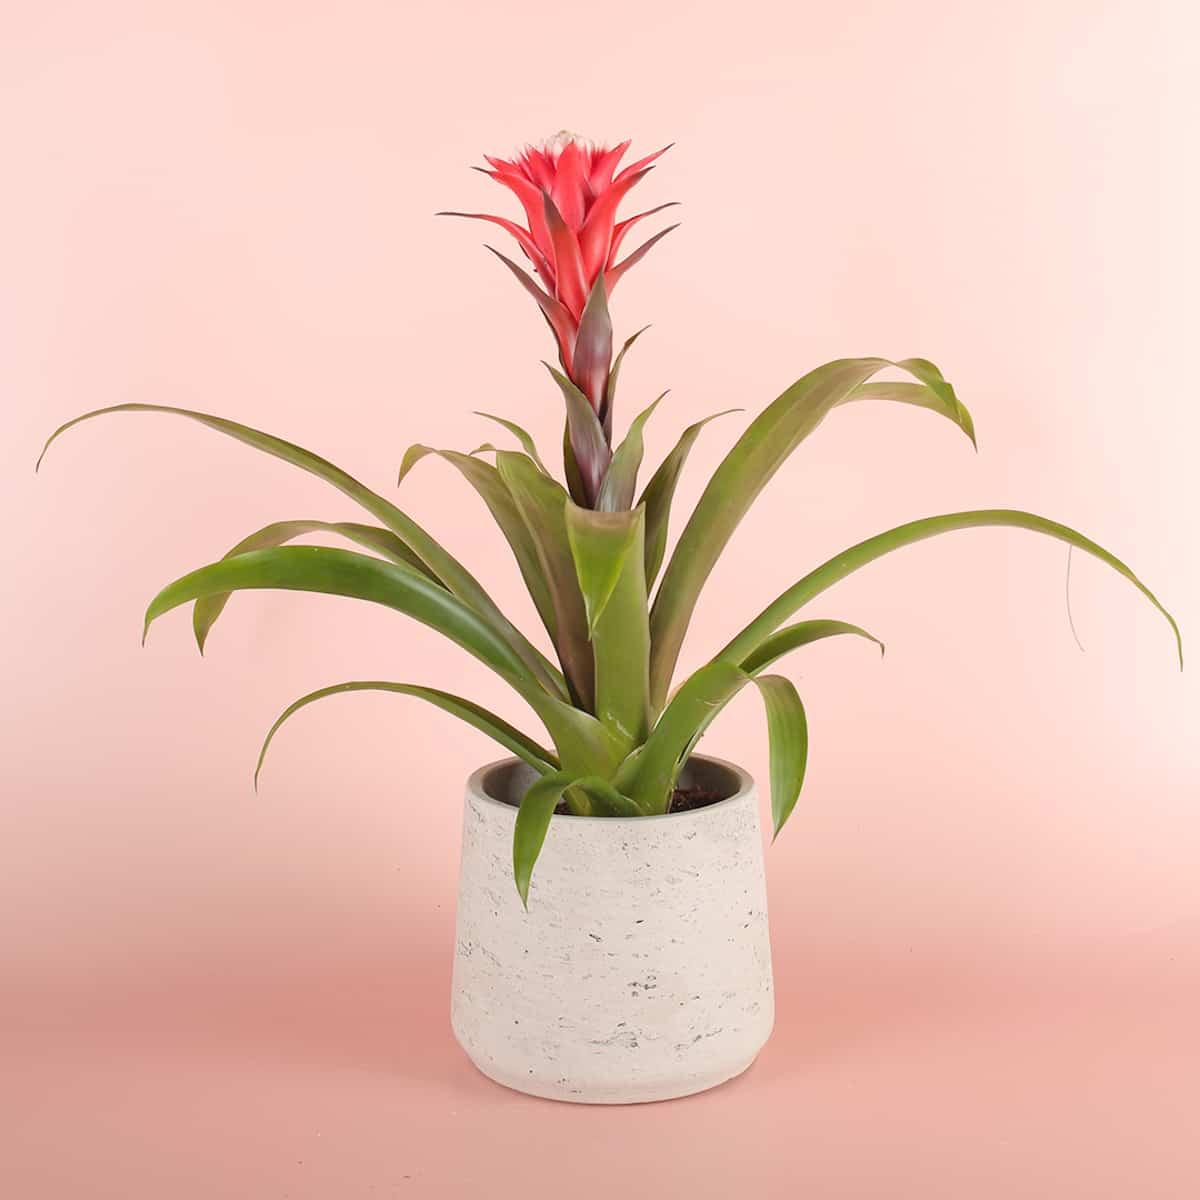 descubre las plantas de interior que no necesitan luz natural 3